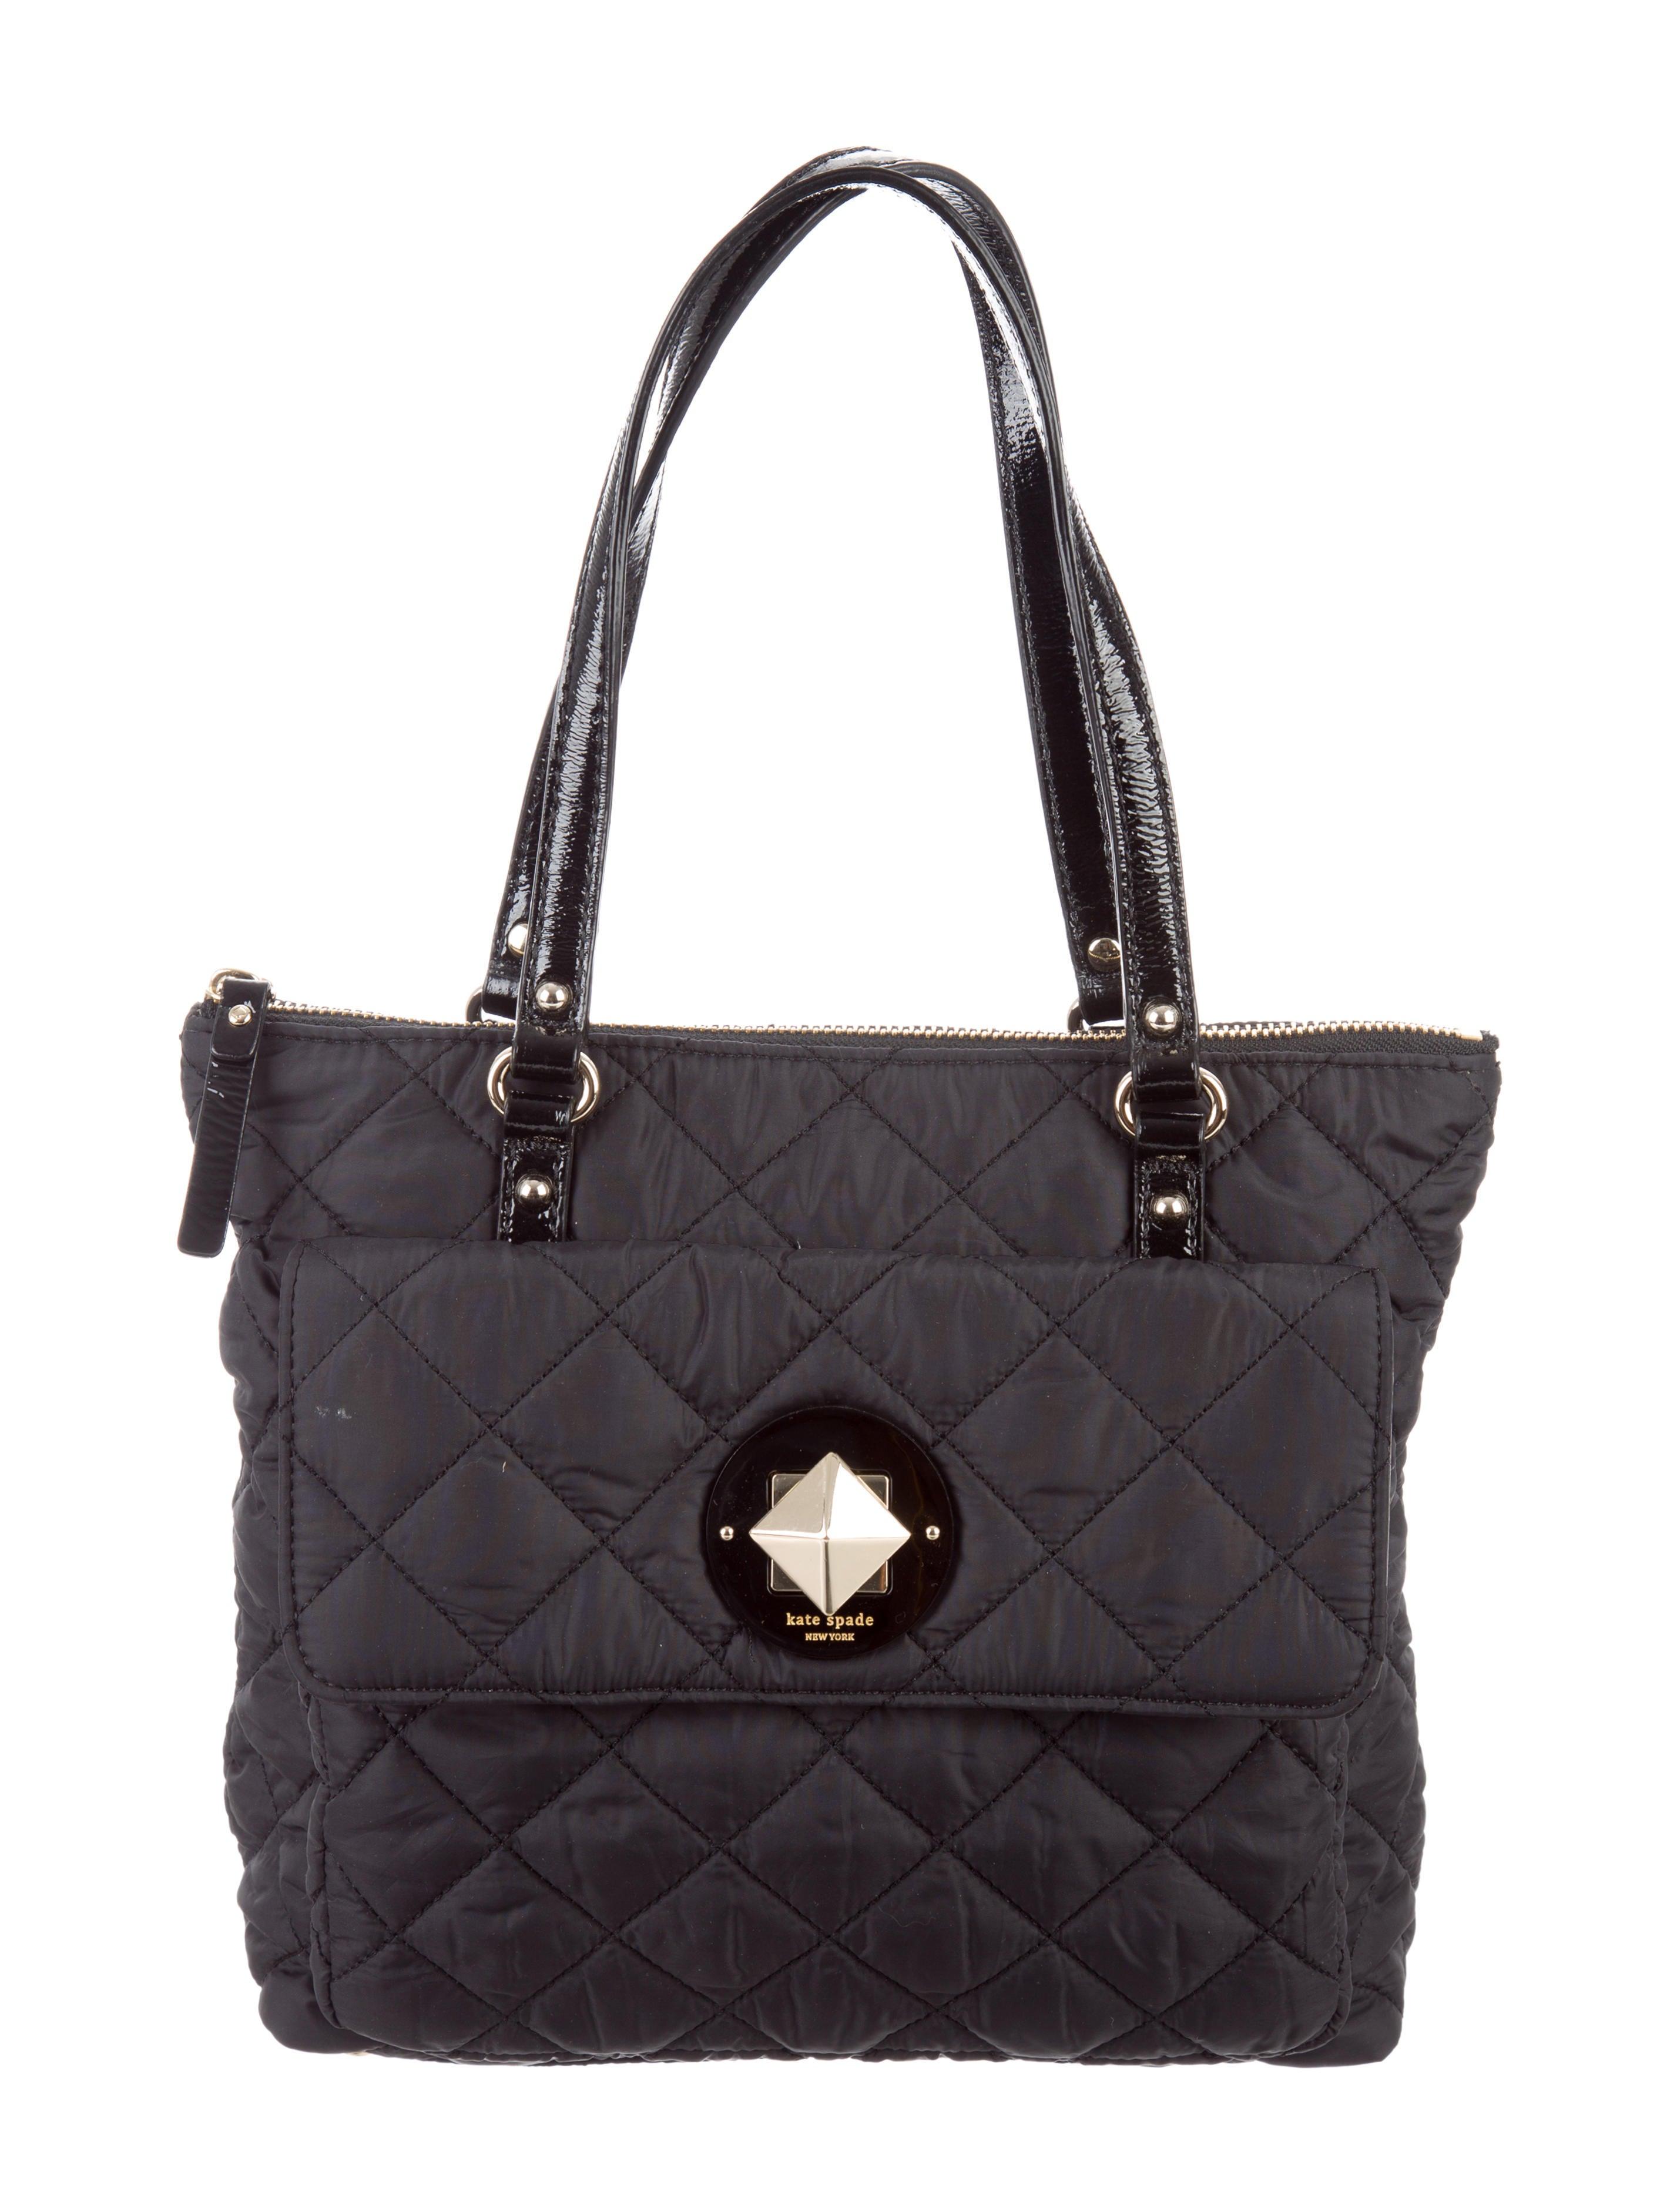 Small Nylon Tote Bags 75